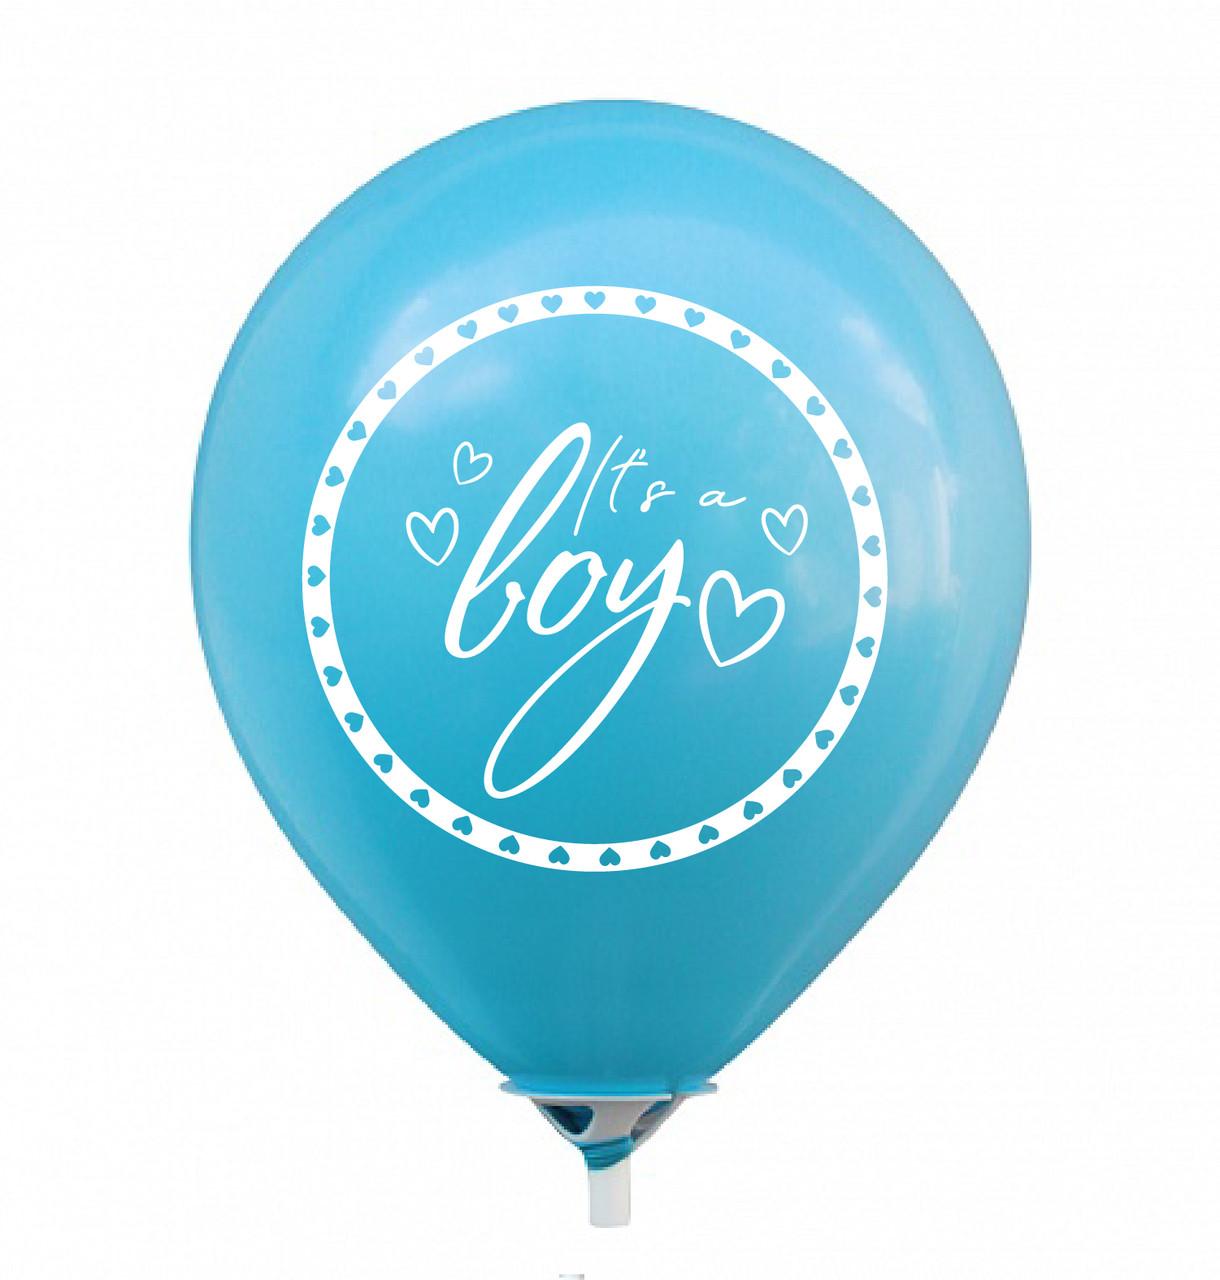 """Латексна кулька 12"""" блакитна з двостороннім білим малюнком """"it's a boy"""" (КИТАЙ)"""